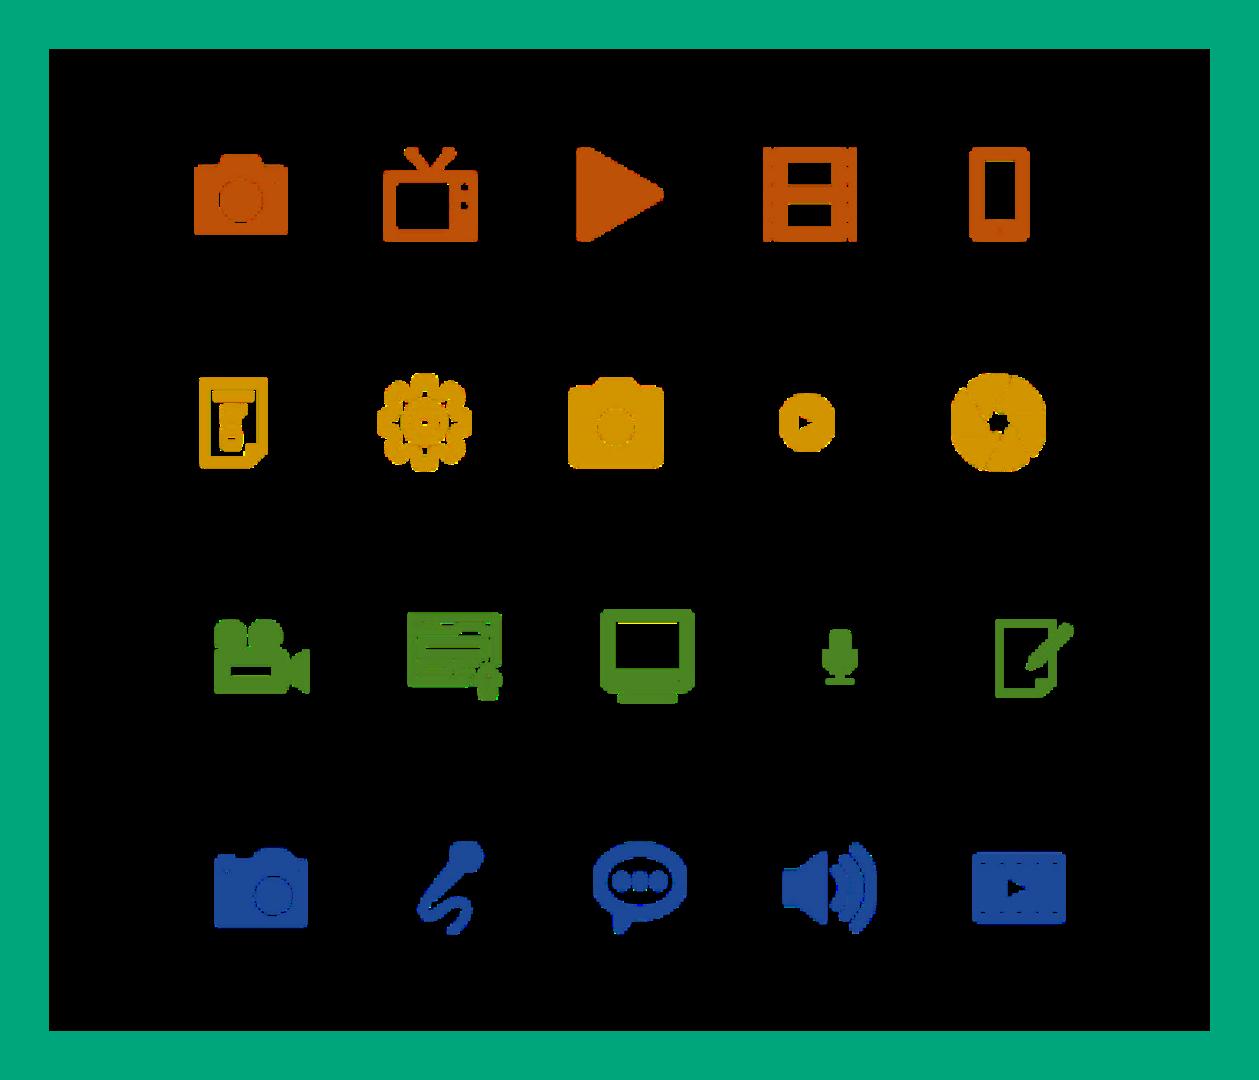 Multimedia_Edulastic_Icons